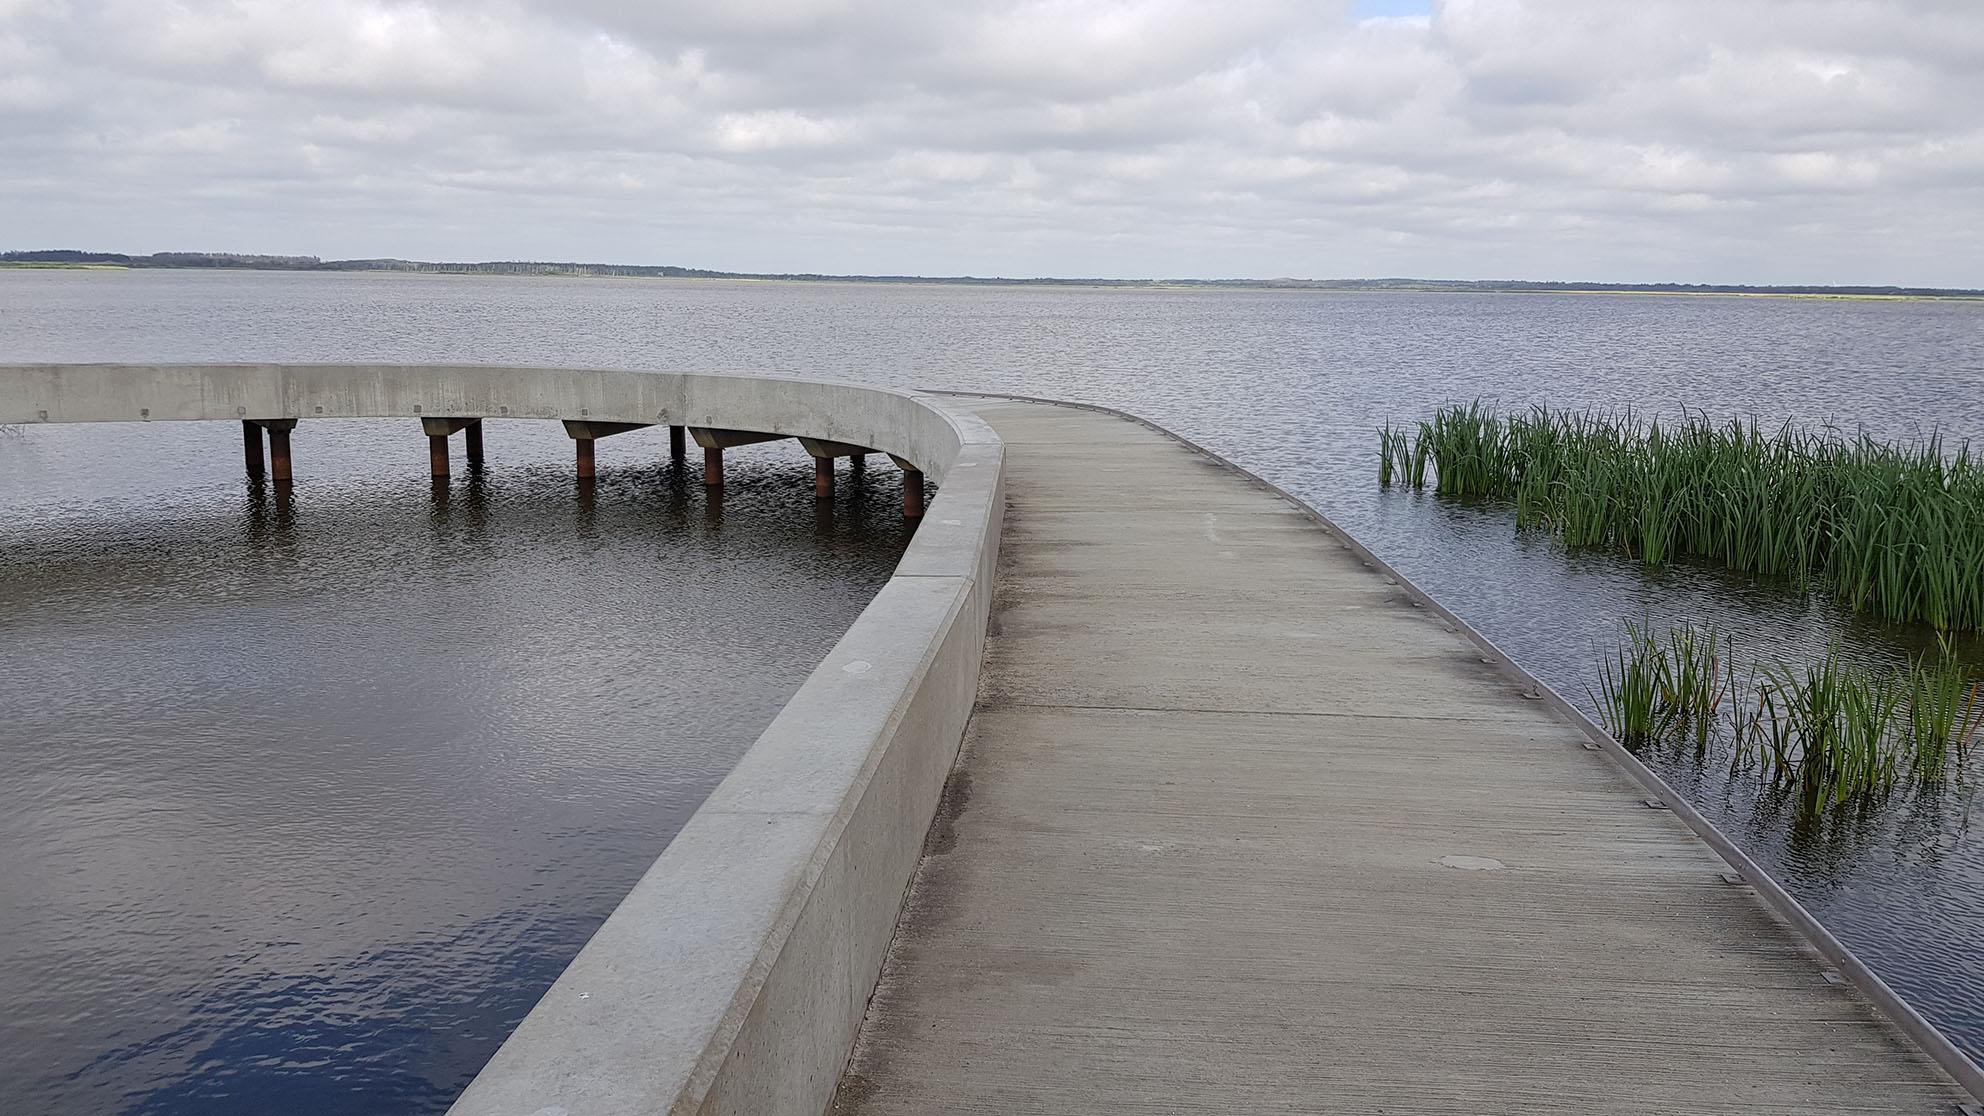 Her vises udsigtsbroens betonkant og hjulværn. Det fungerer som naturlige ledelinjer.